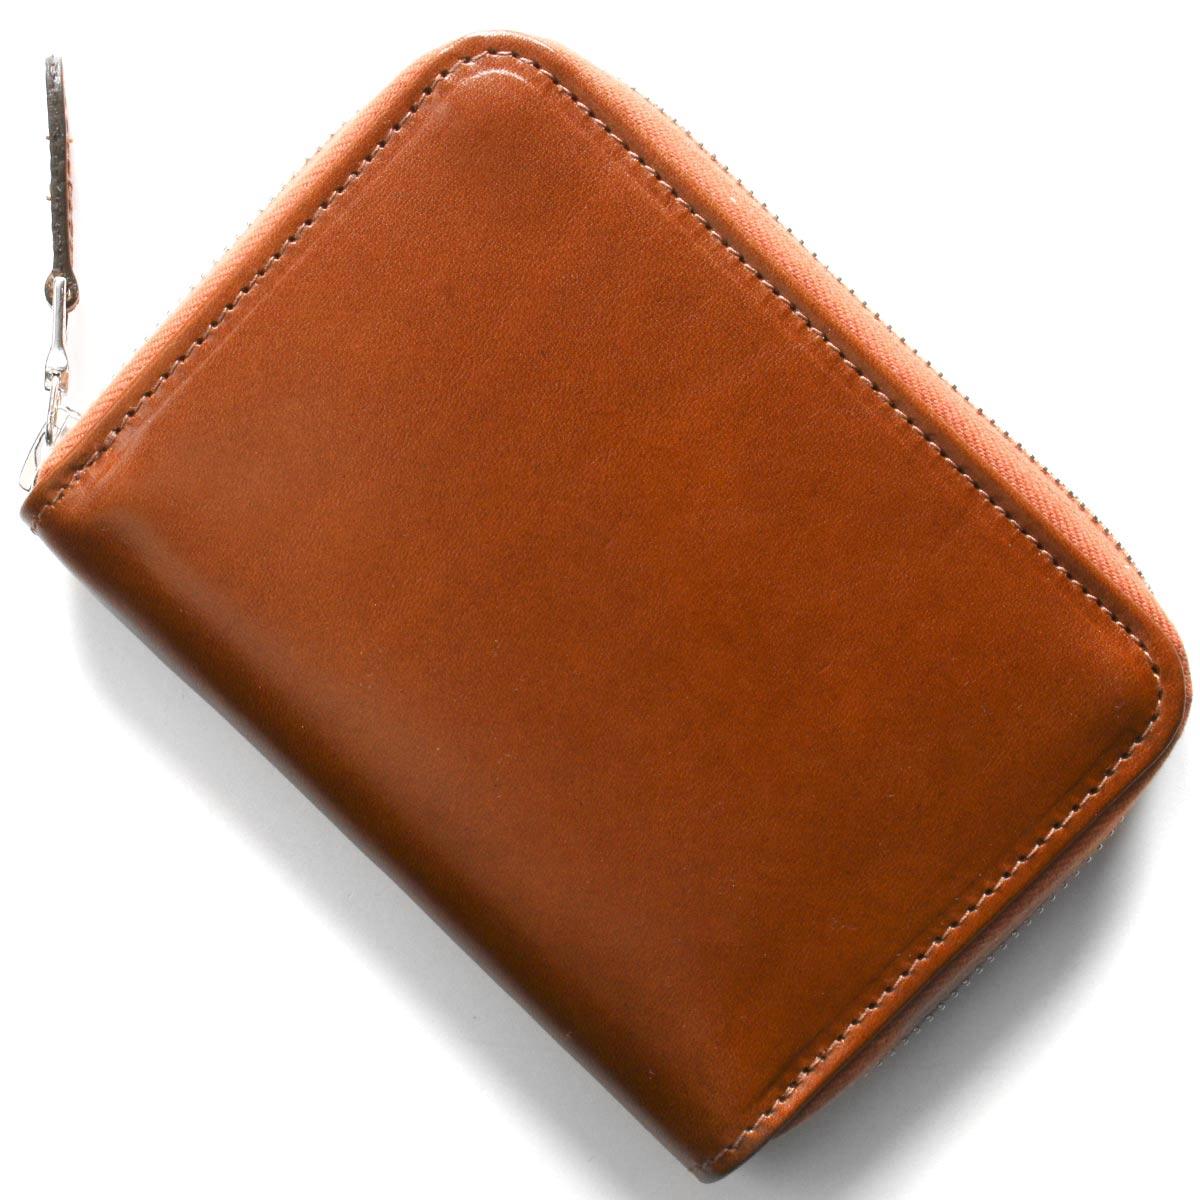 ホワイトハウスコックス 二つ折り財布 財布 メンズ コニャックブラウン S1957 COGNAC WHITEHOUSE COX